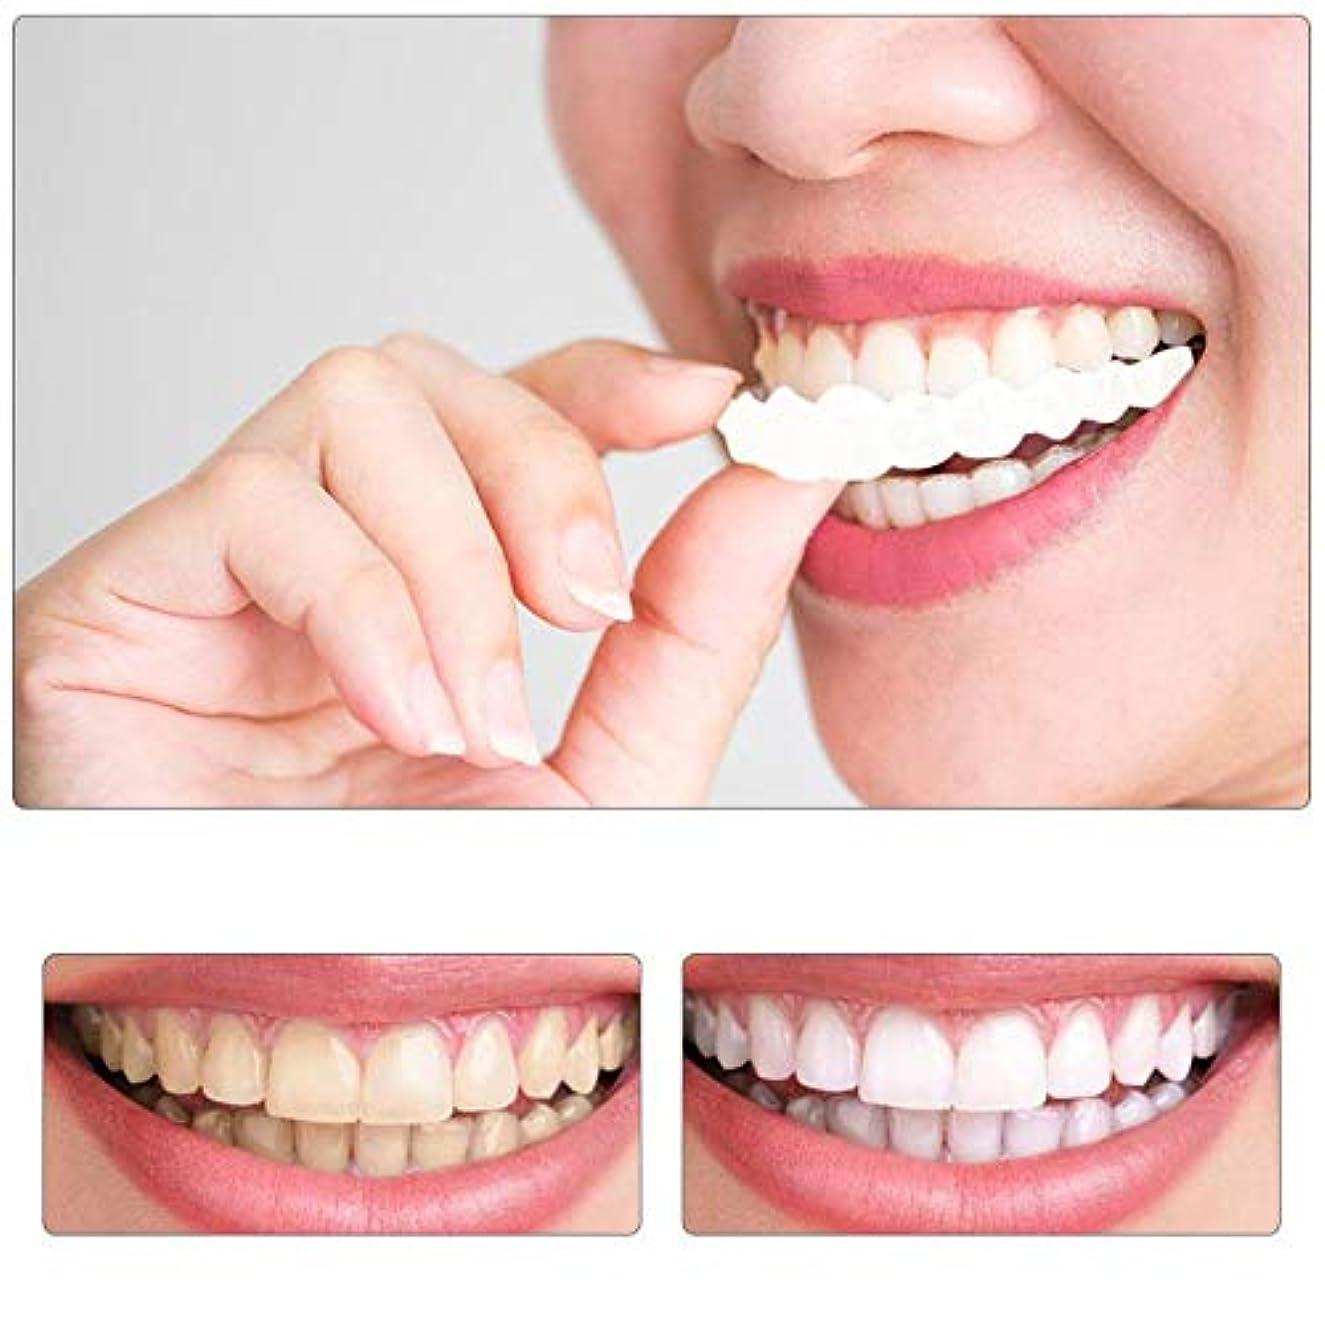 リクルート信じる間接的1ペア偽歯上部偽偽歯カバースナップオン即時歯化粧品義歯ケアオーラルケアプラスチックホワイトニング義歯